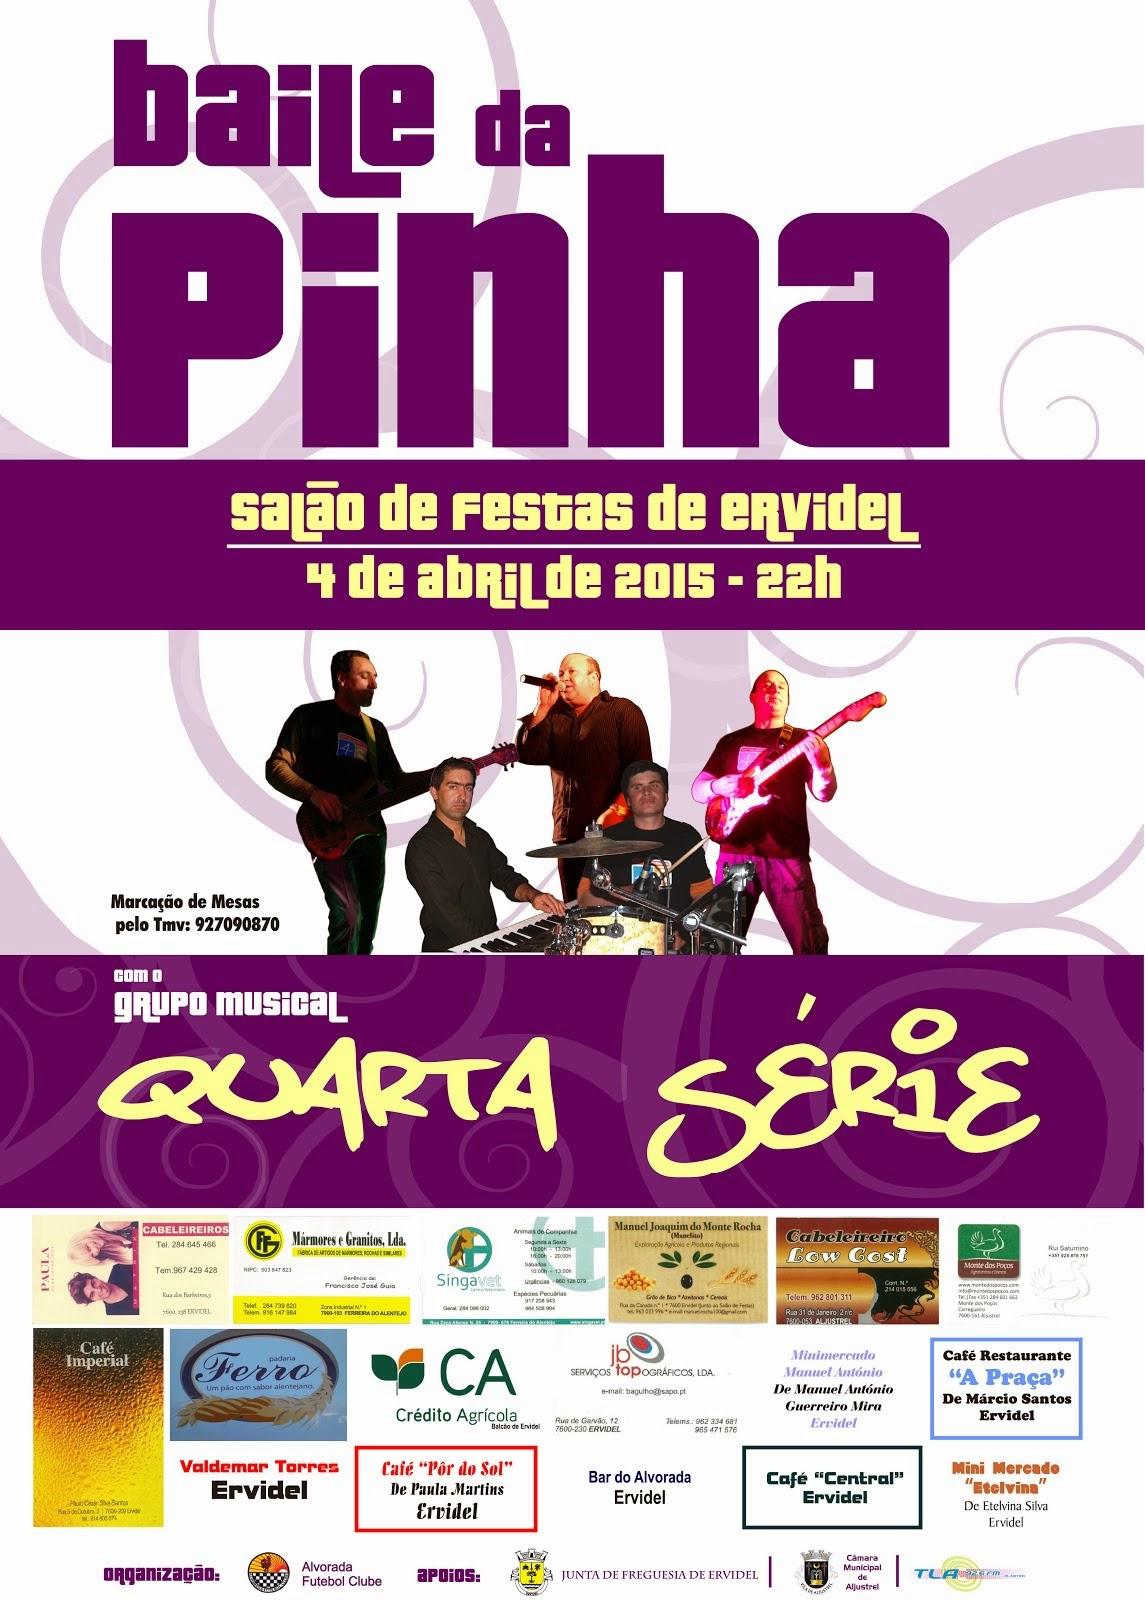 Baile da Pinha 2015